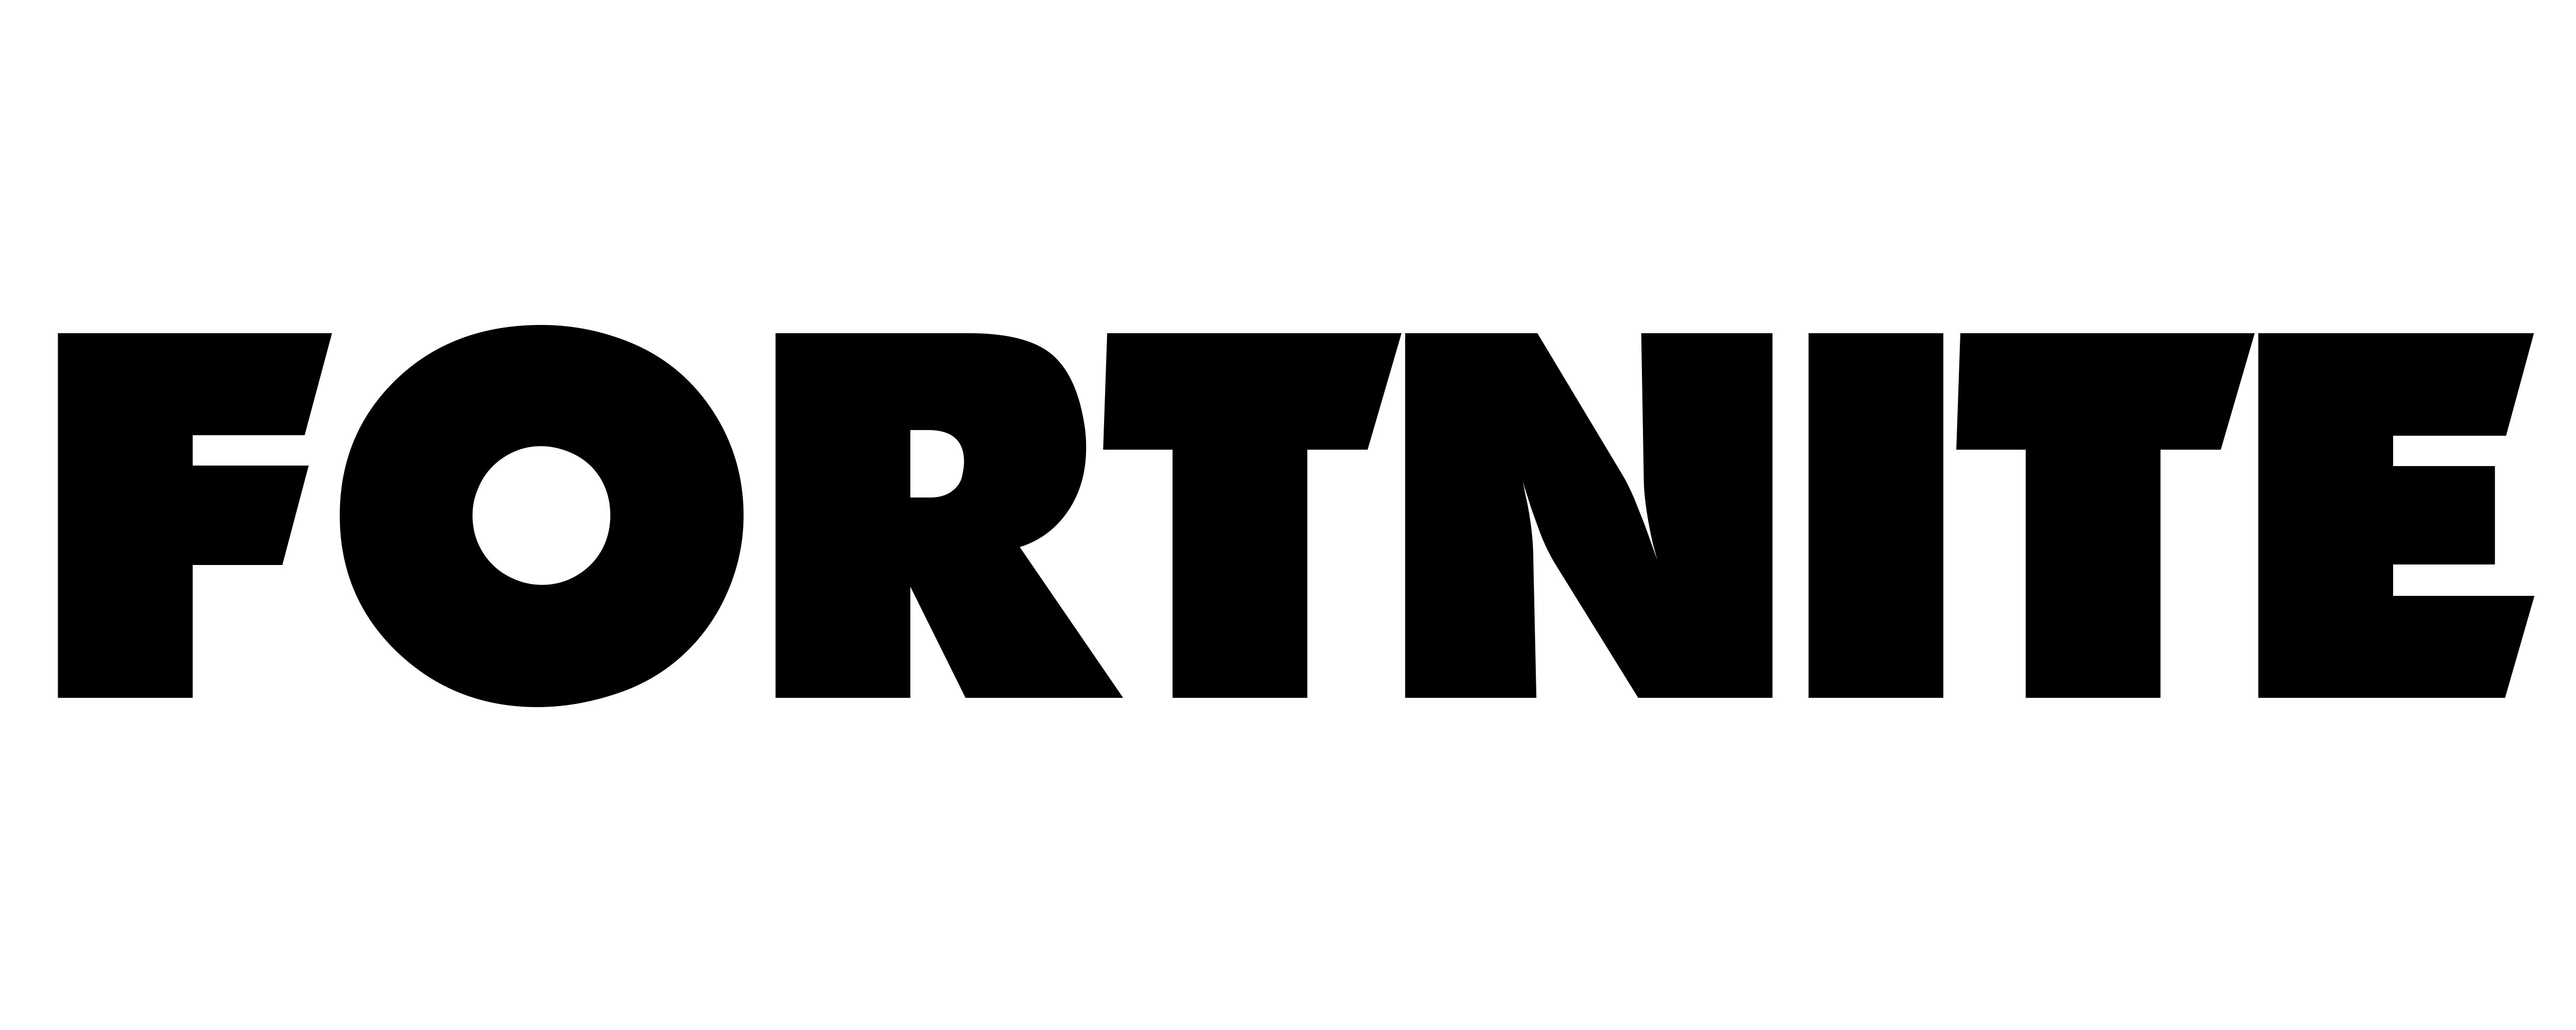 Fortnite Logo PNG Image.